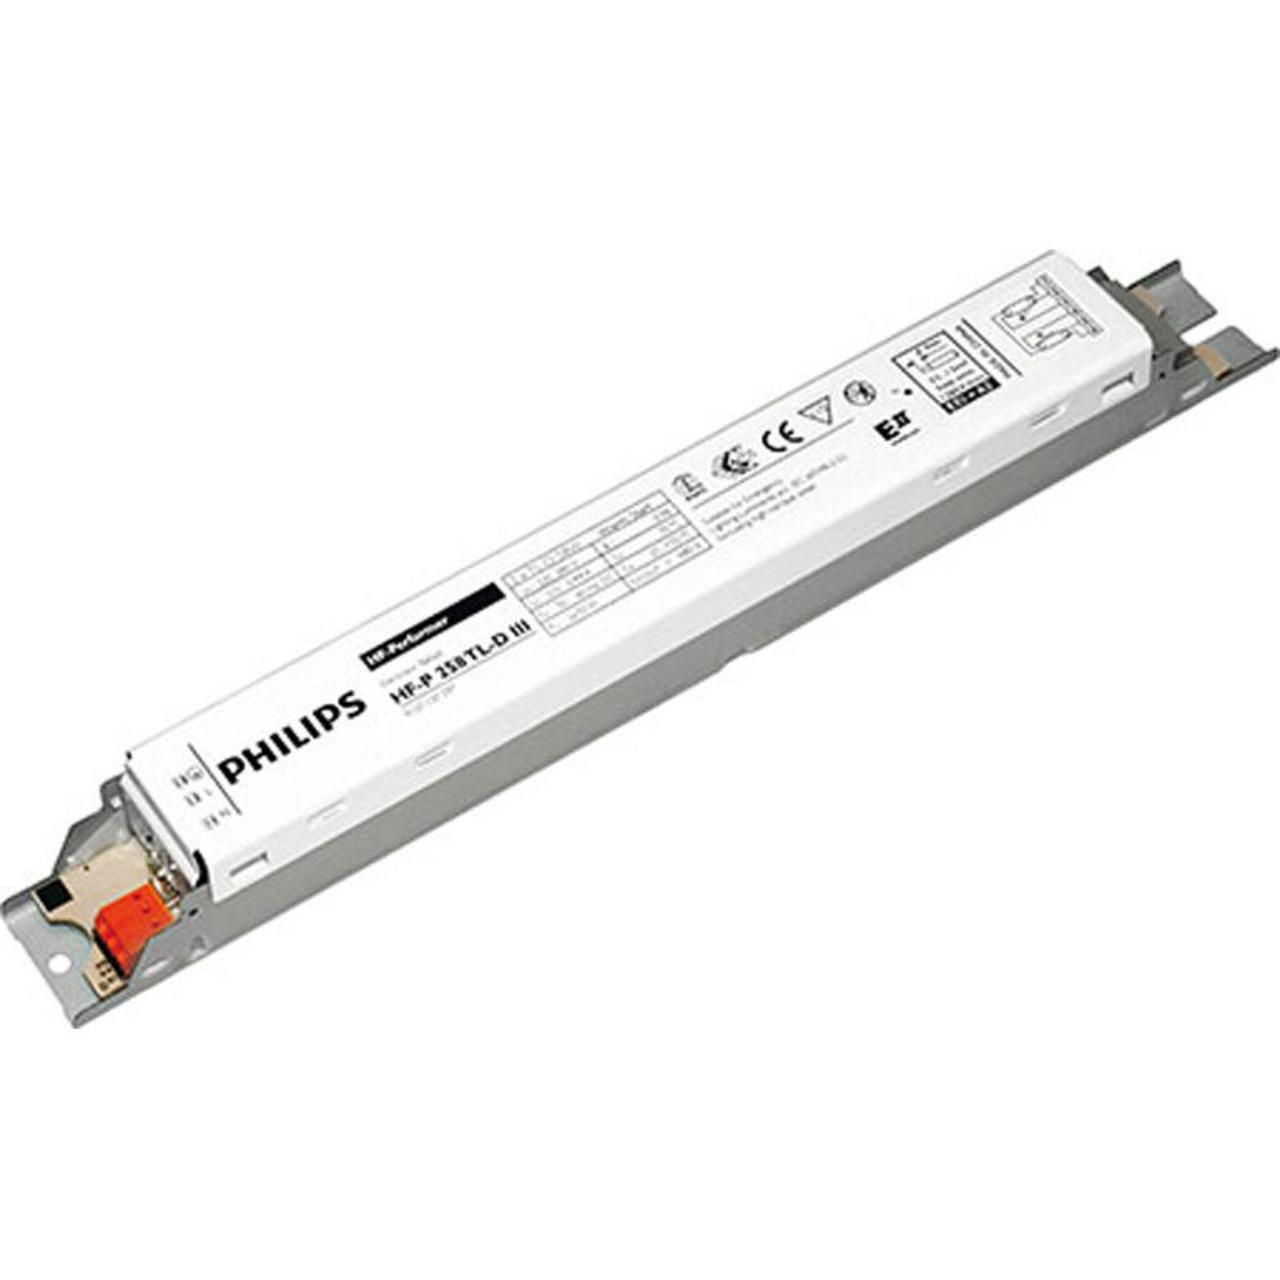 Philips Elektronisches Vorschaltgerund-228 t HF-P 158 TL-D- nicht dimmbar- 1x 58 W